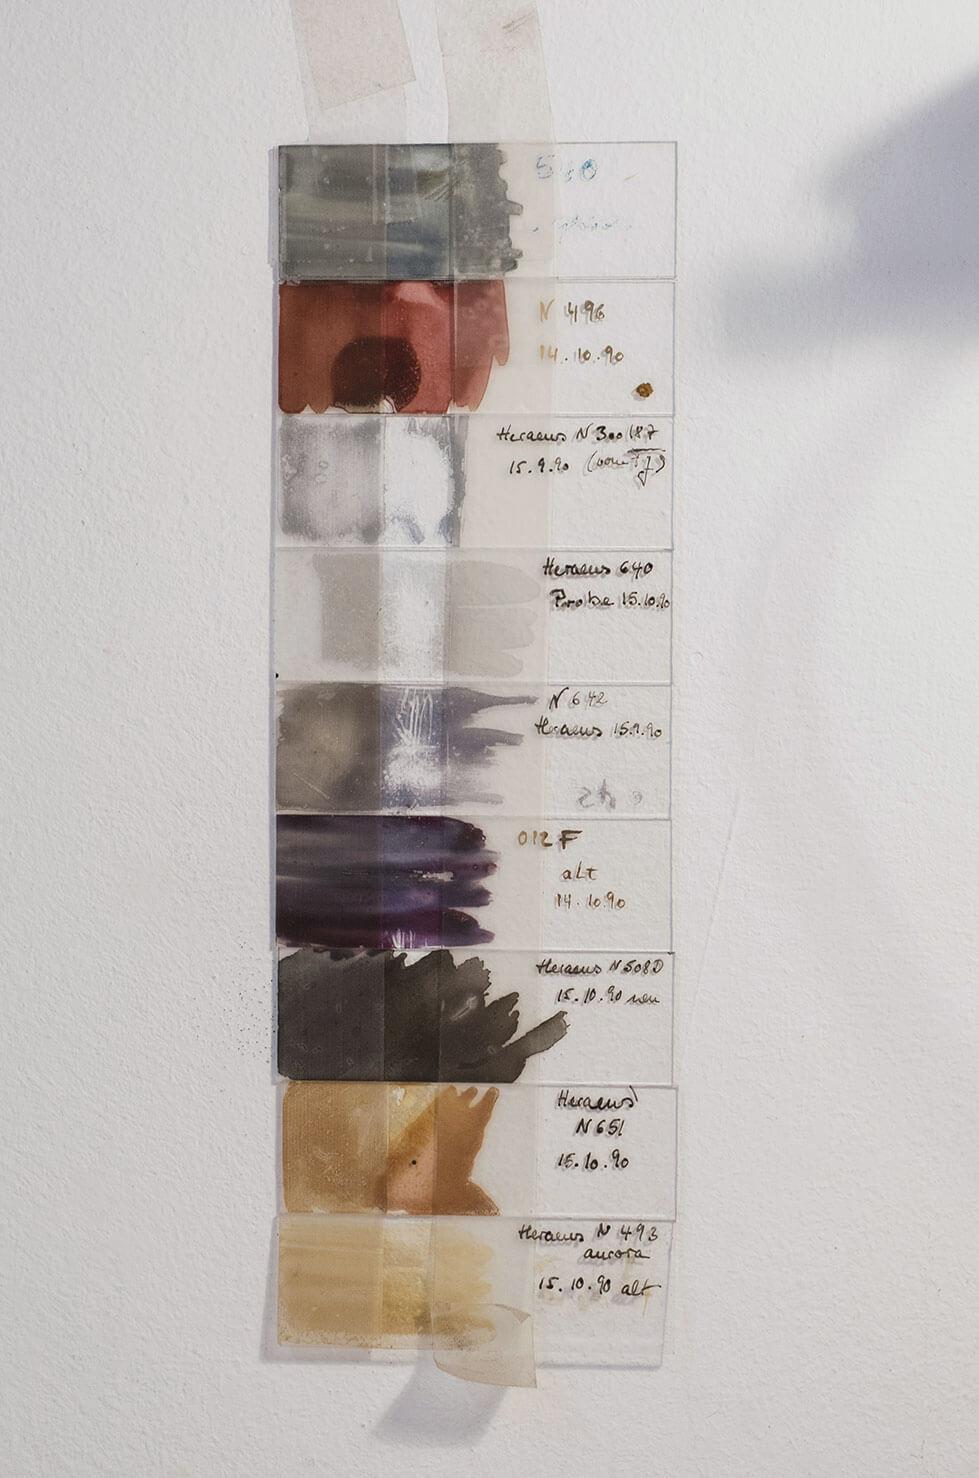 Farbproben für Edelmetalle und Lüster in Wiebke Vogt's Atelier